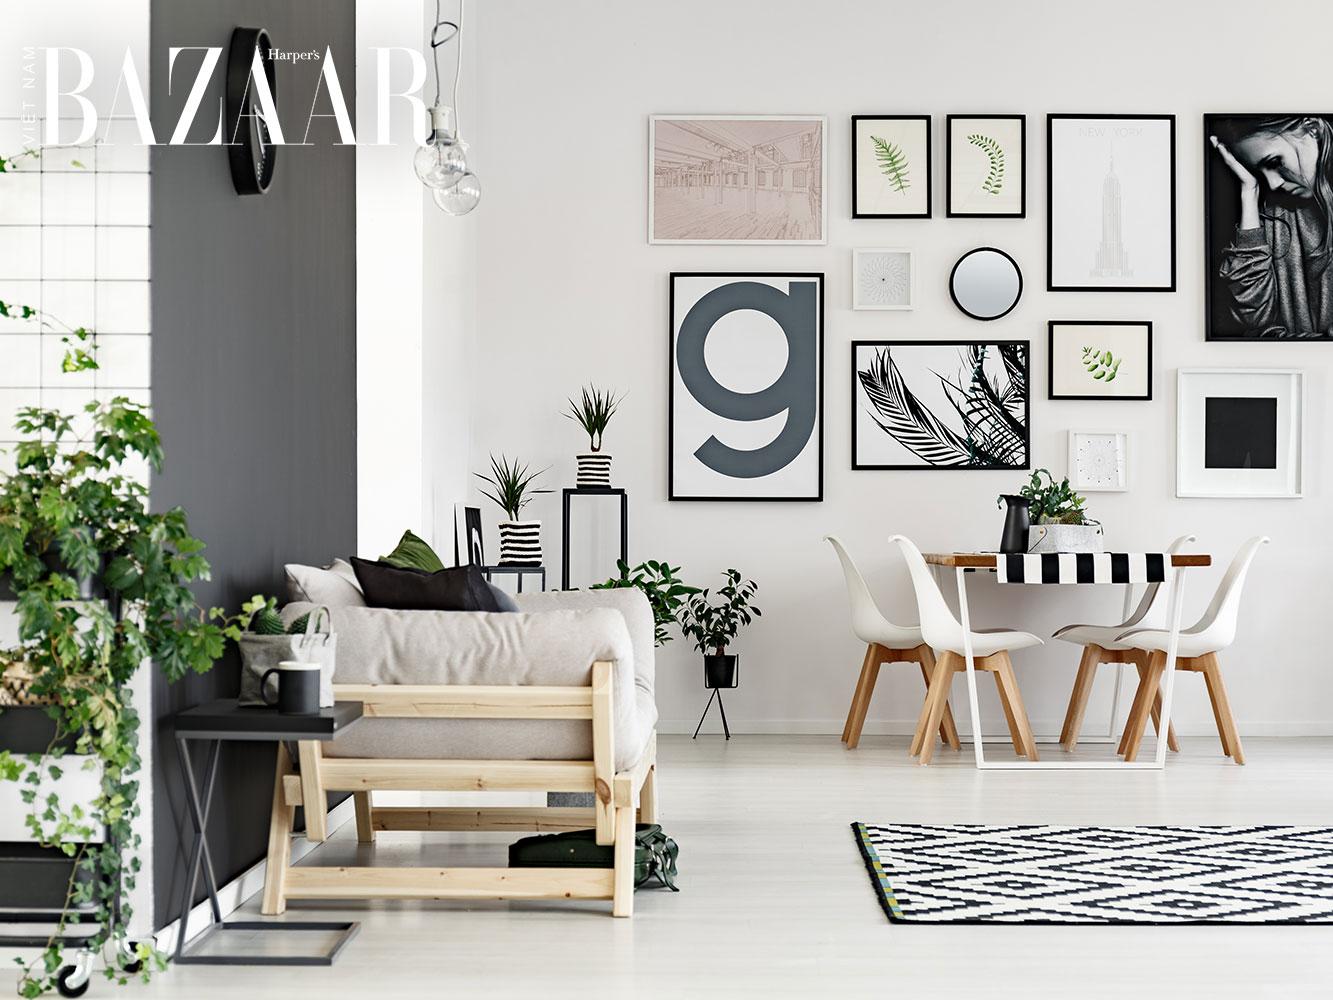 6 mẹo trang trí nhà cửa khiến căn hộ nhỏ trông to và thoáng đãng hơn